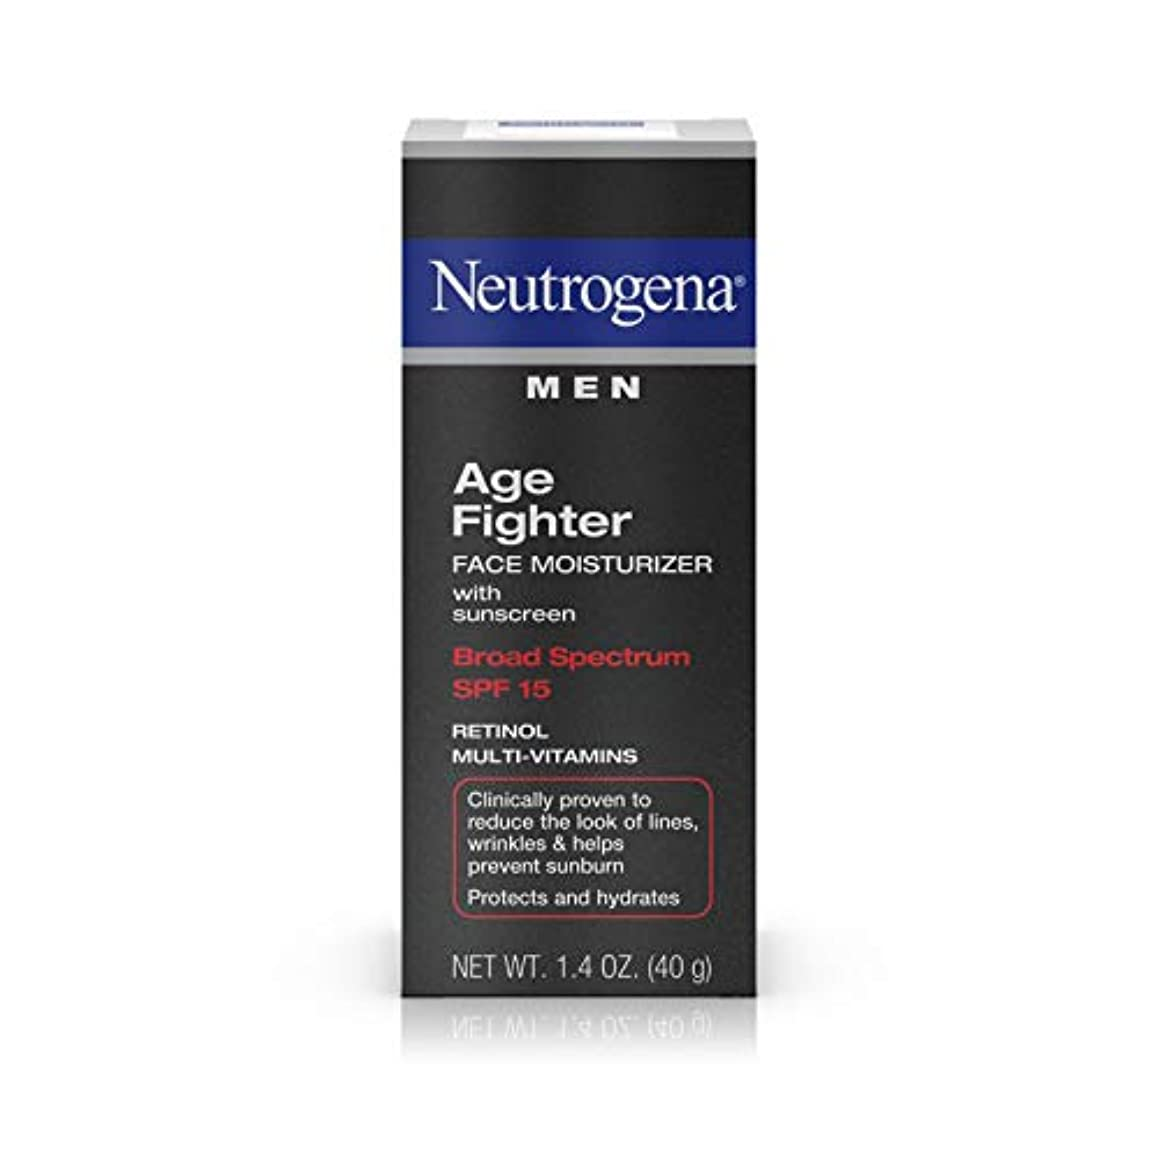 ステンレスいいね着実にNeutrogena Men Age Fighter Face Moisturizer with sunscreen SPF 15 1.4oz.(40g) 男性用ニュートロジーナ メン エイジ ファイター フェイス モイスチャライザー